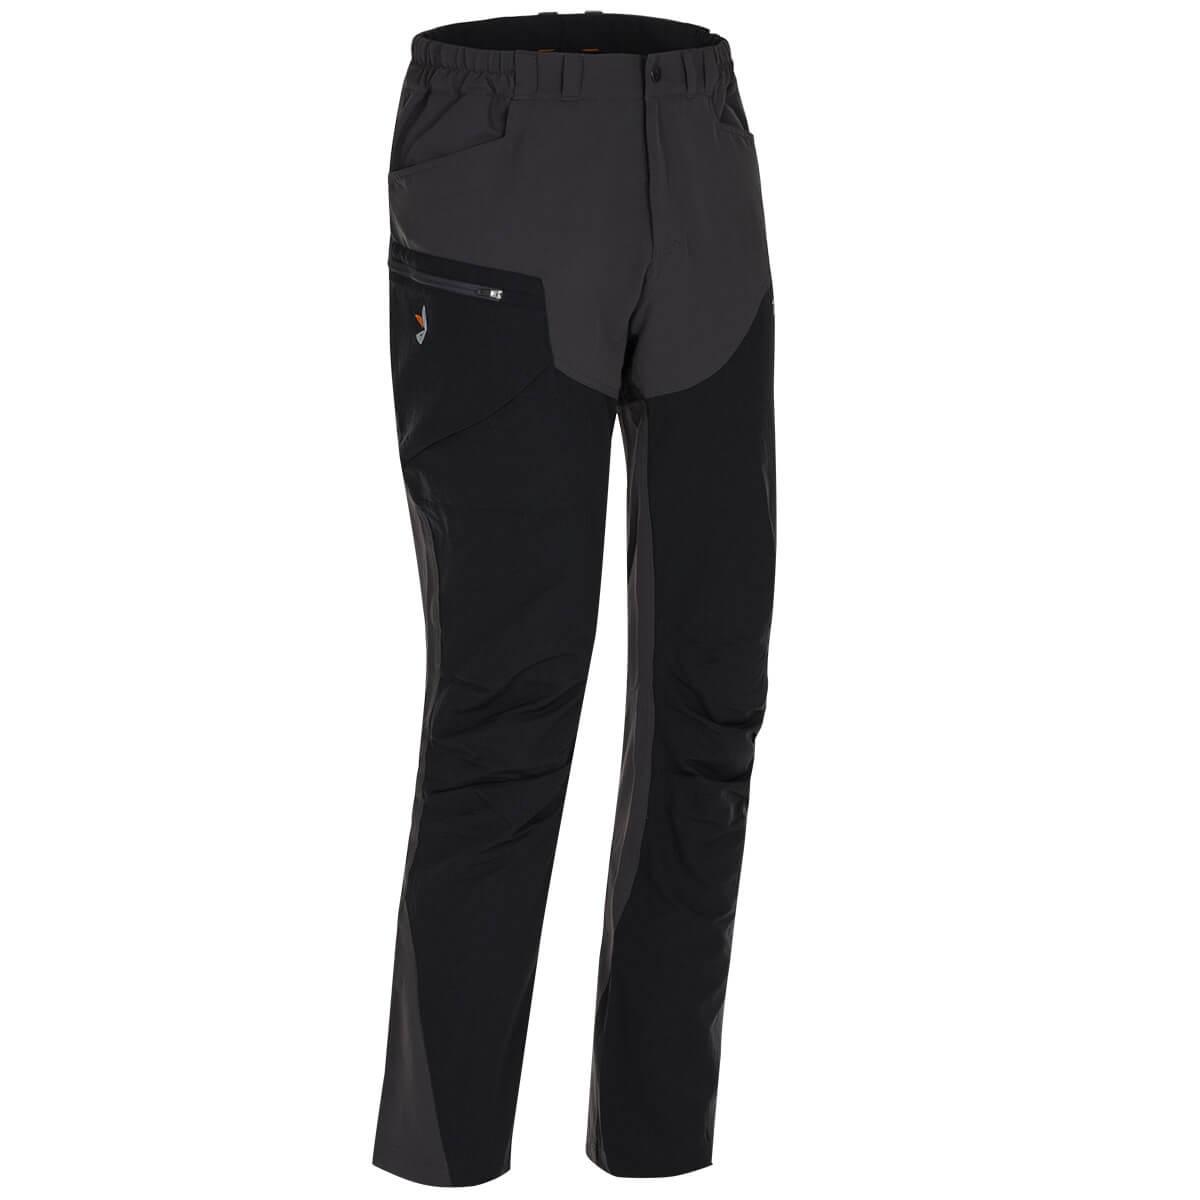 Nohavice Zajo Magnet Neo Pants Rock - veľkosť S